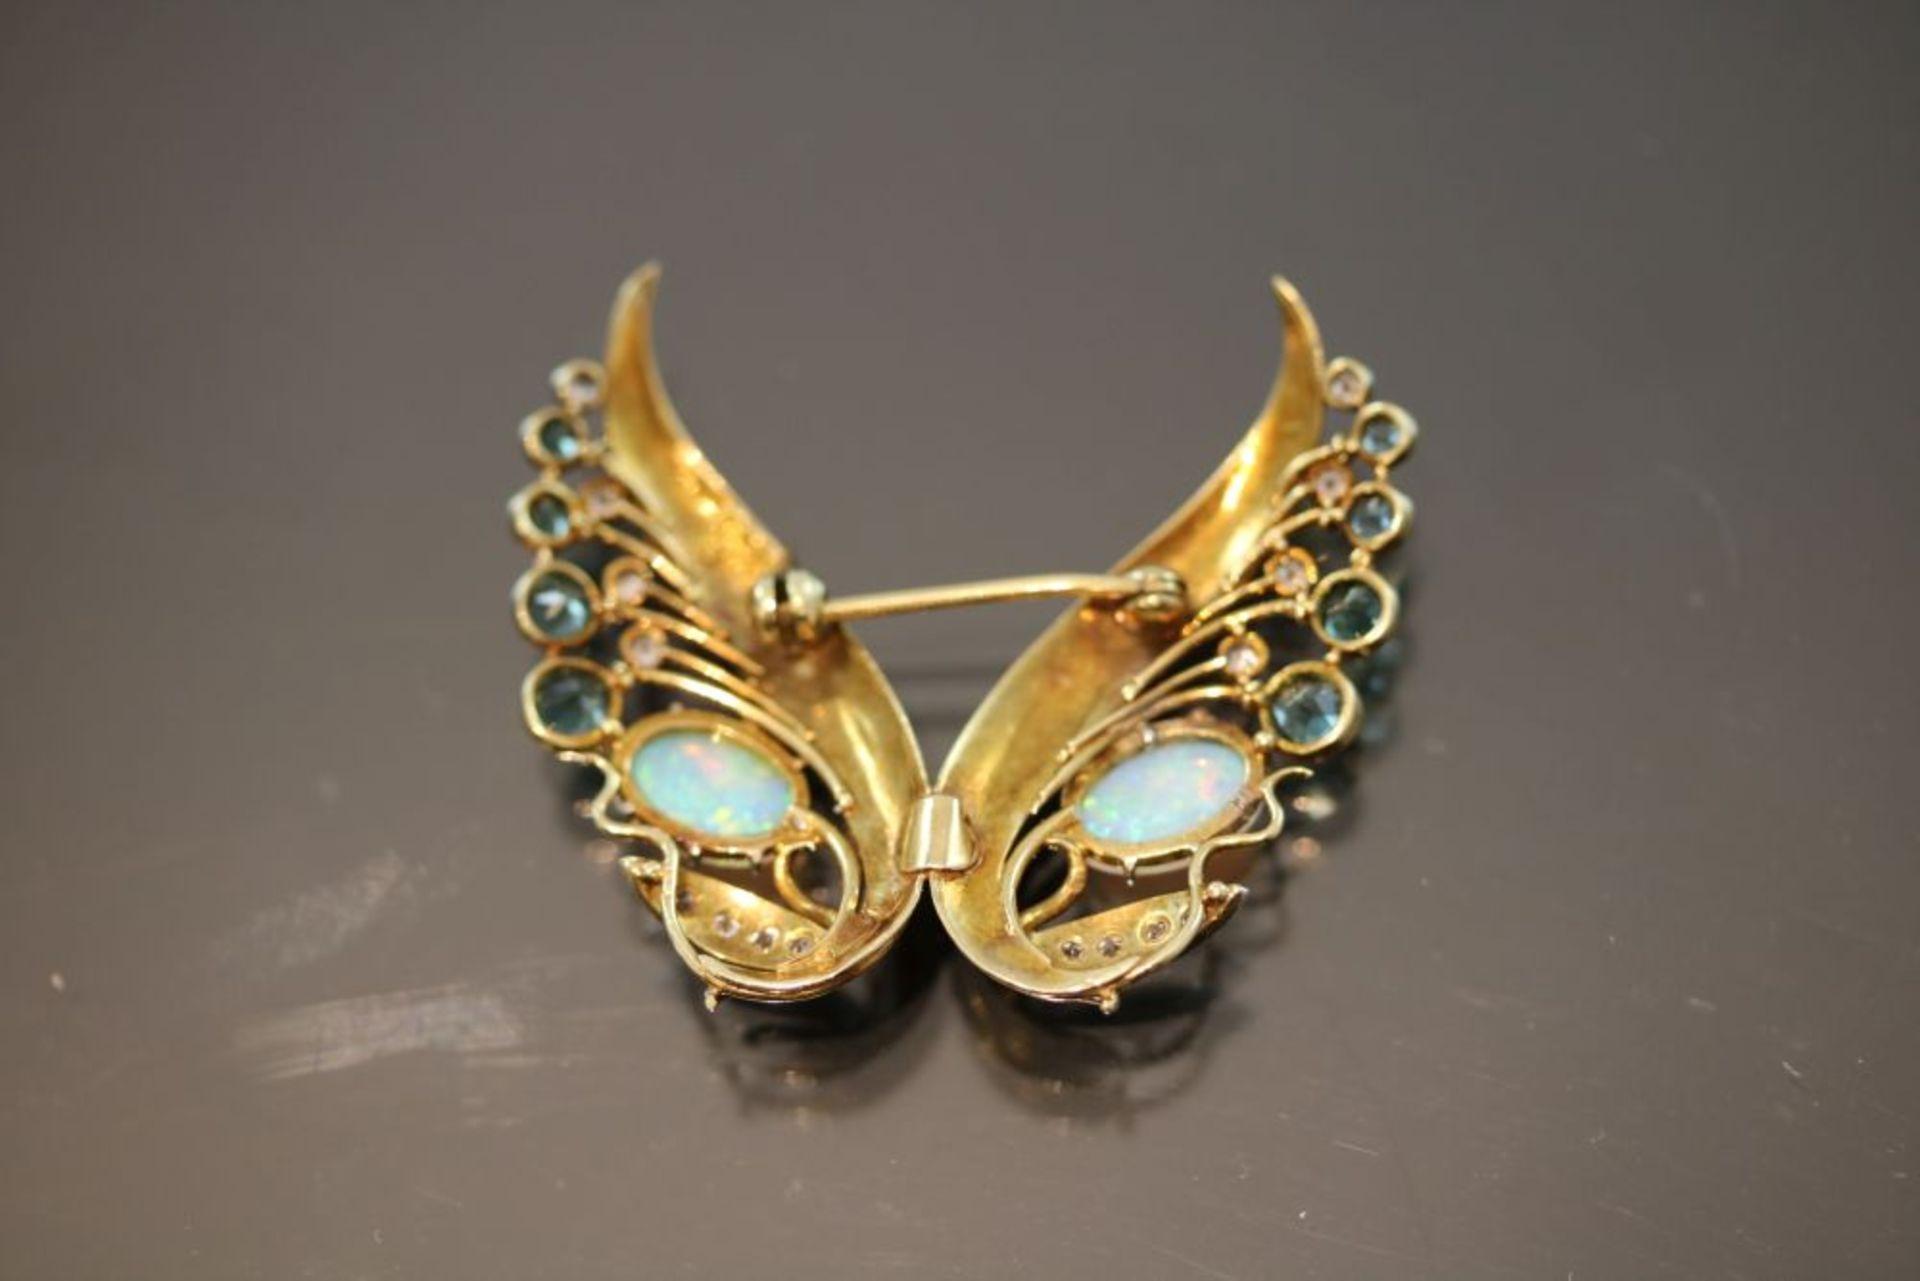 Opal-Diamant-Brosche, 585 Gold - Bild 2 aus 3